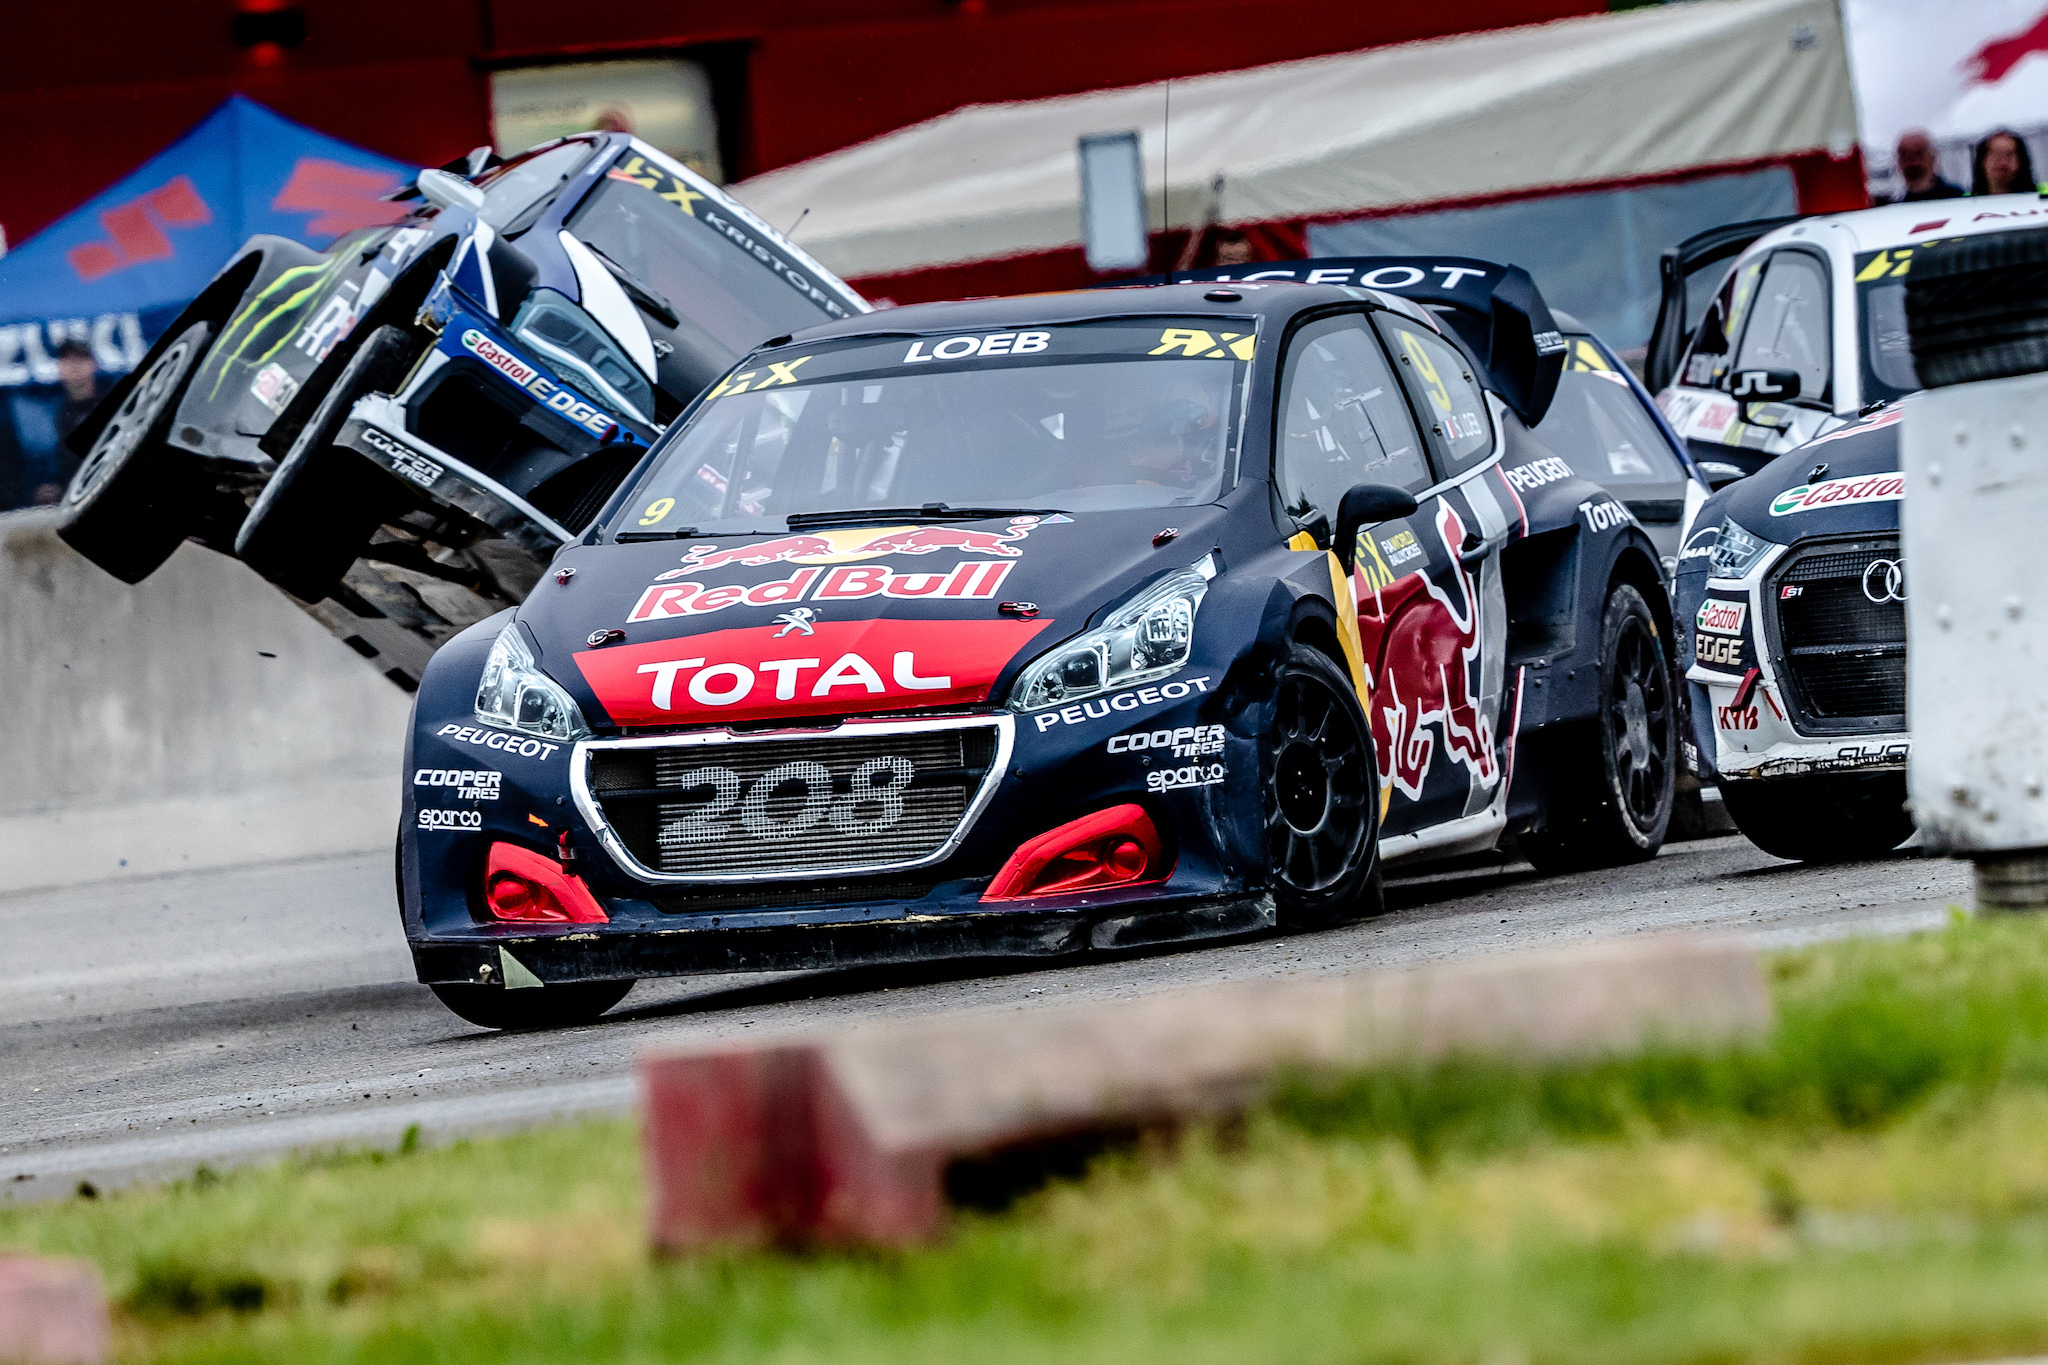 La victoire pour Loeb !